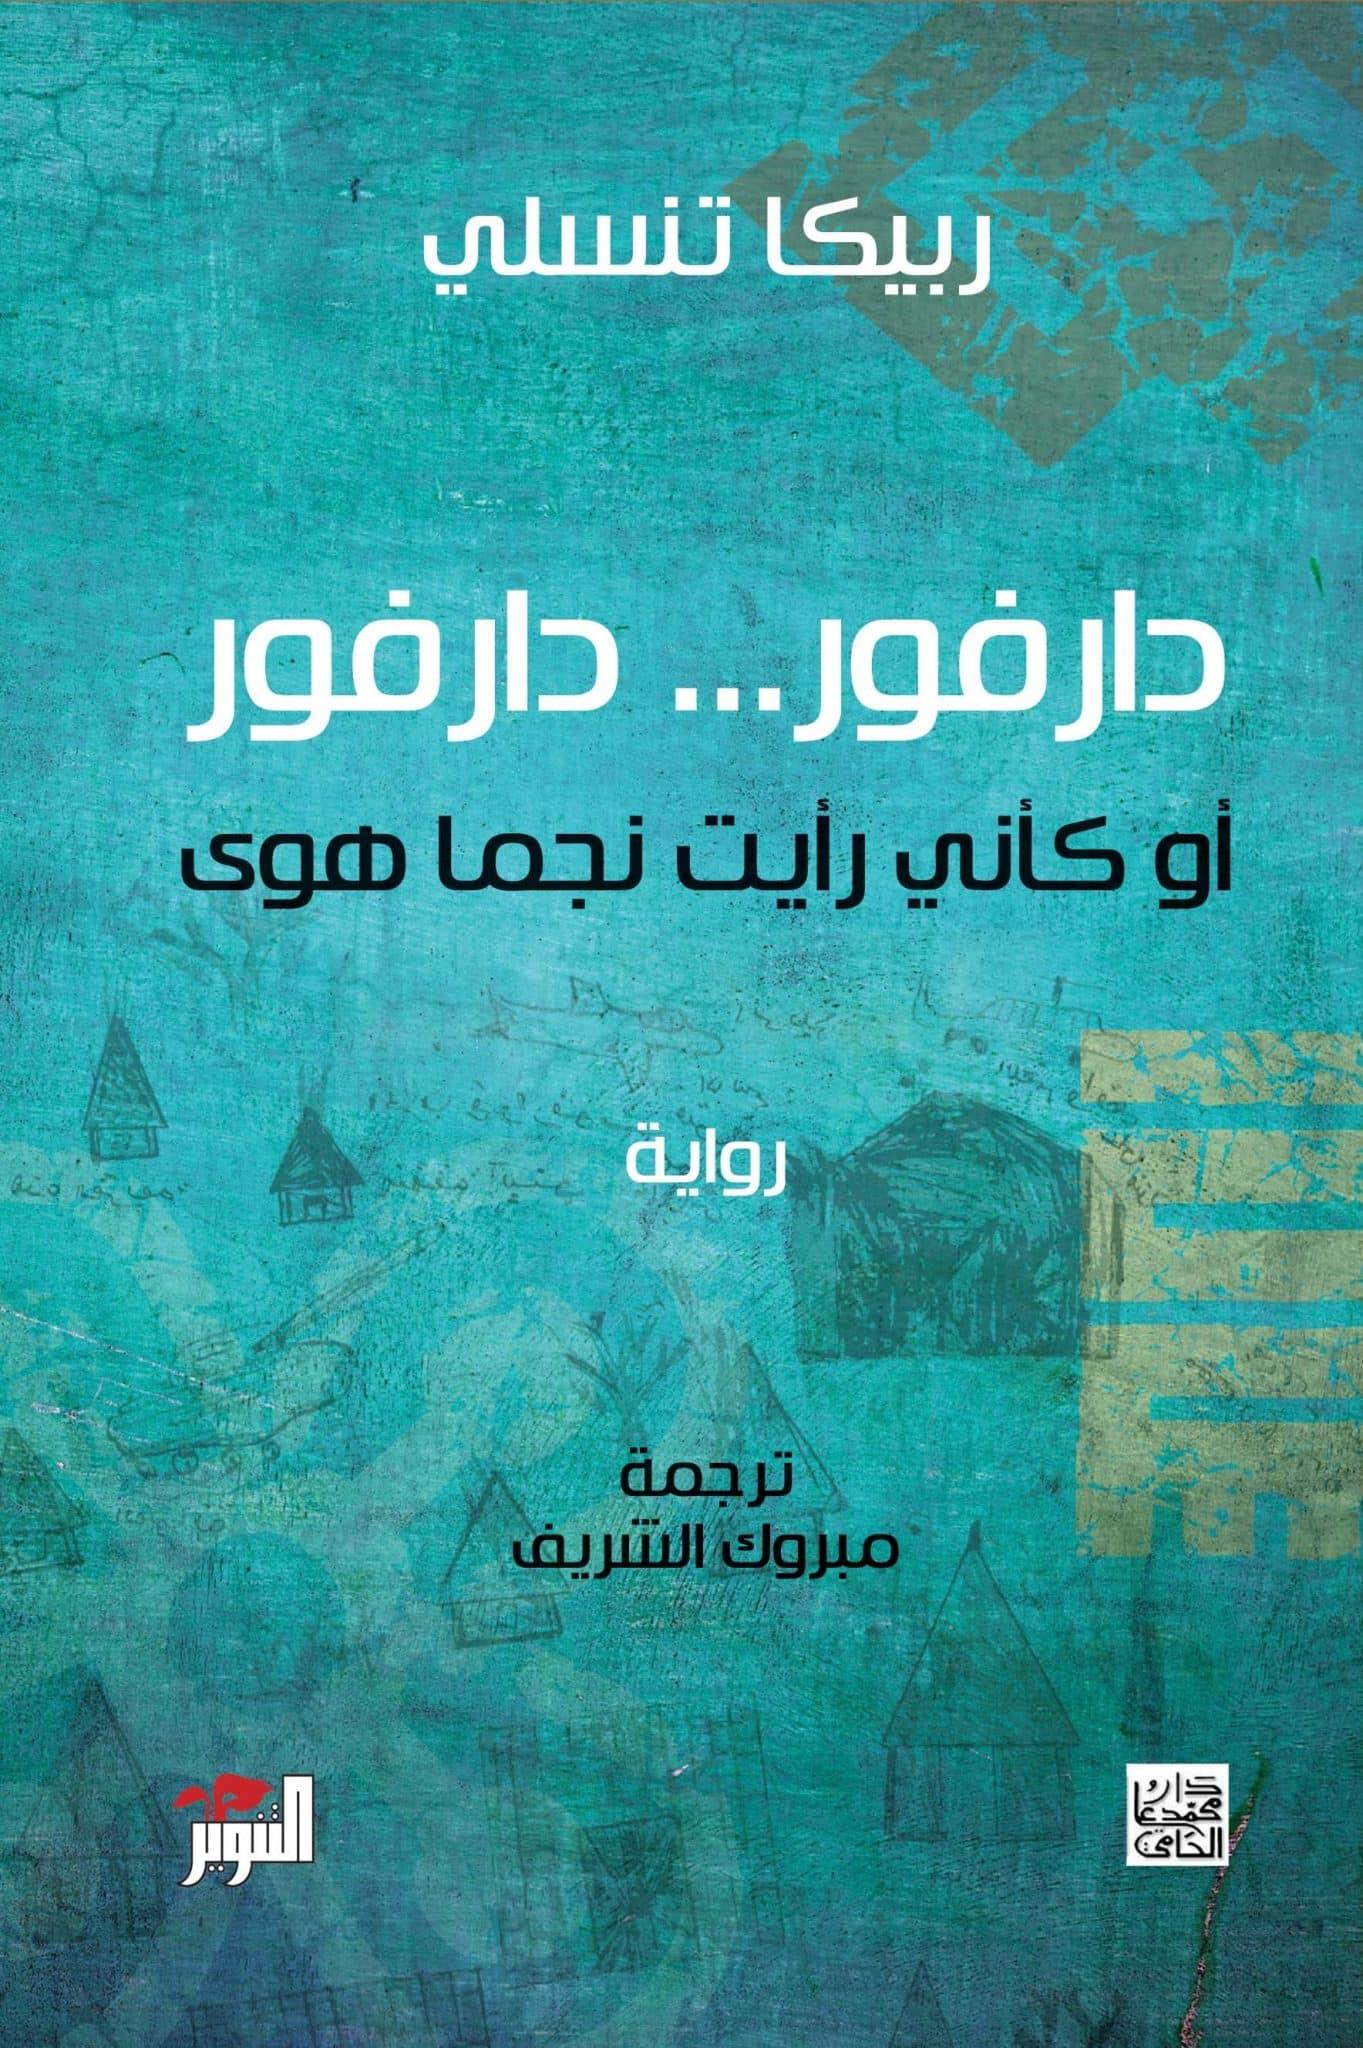 """غلاف رواية """"دارفور دارفور"""